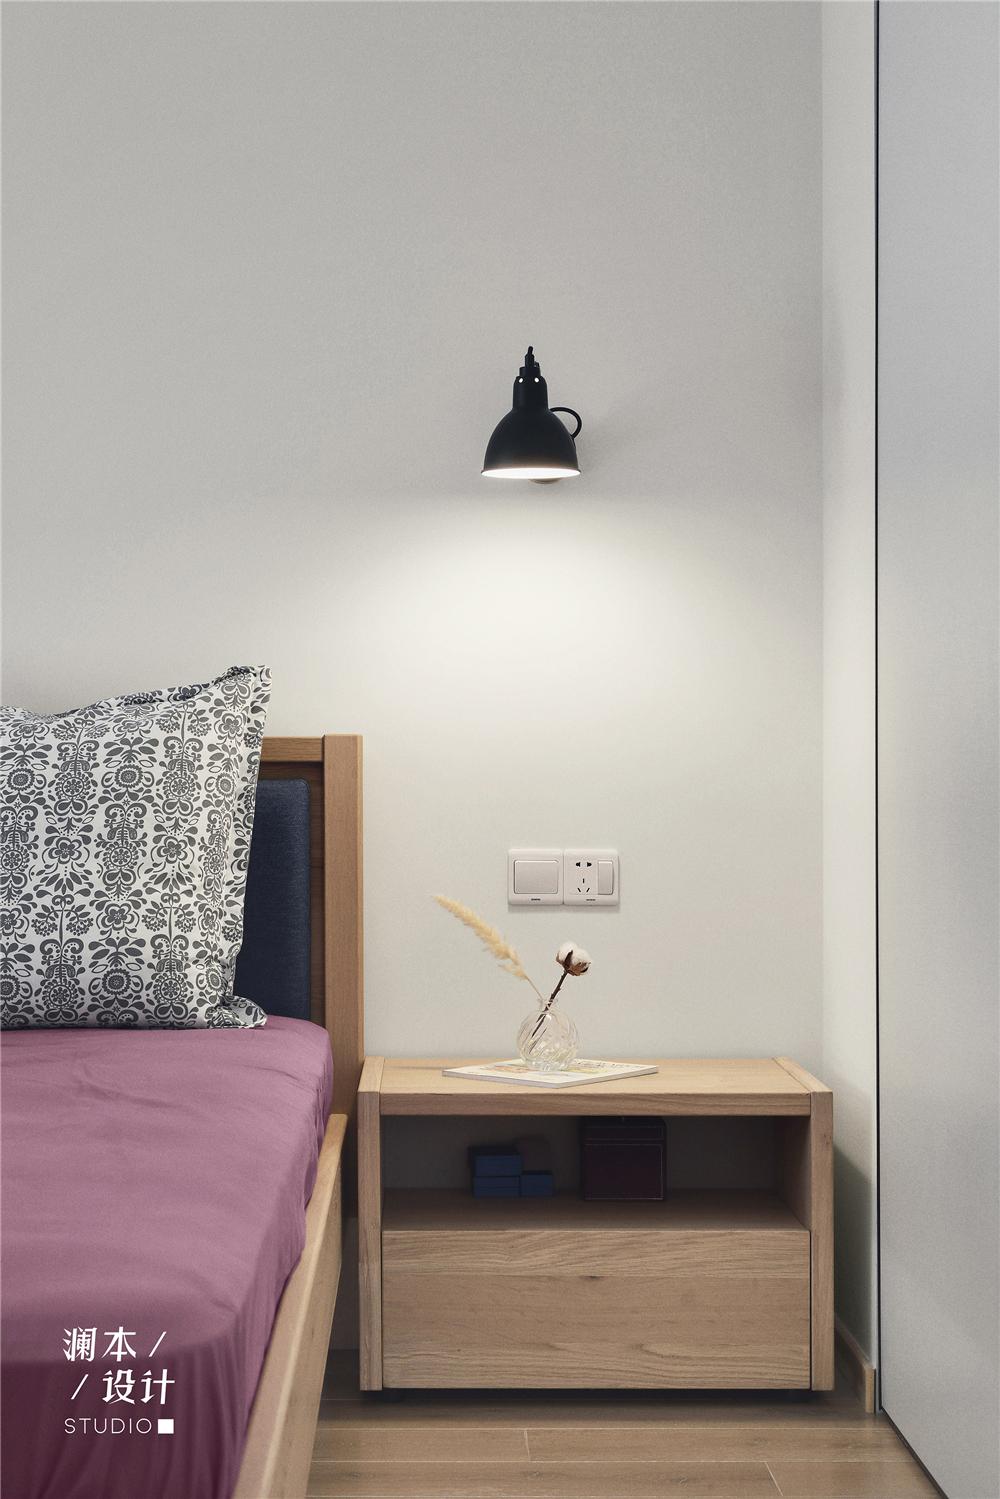 简约日式风二居装修床头柜设计图